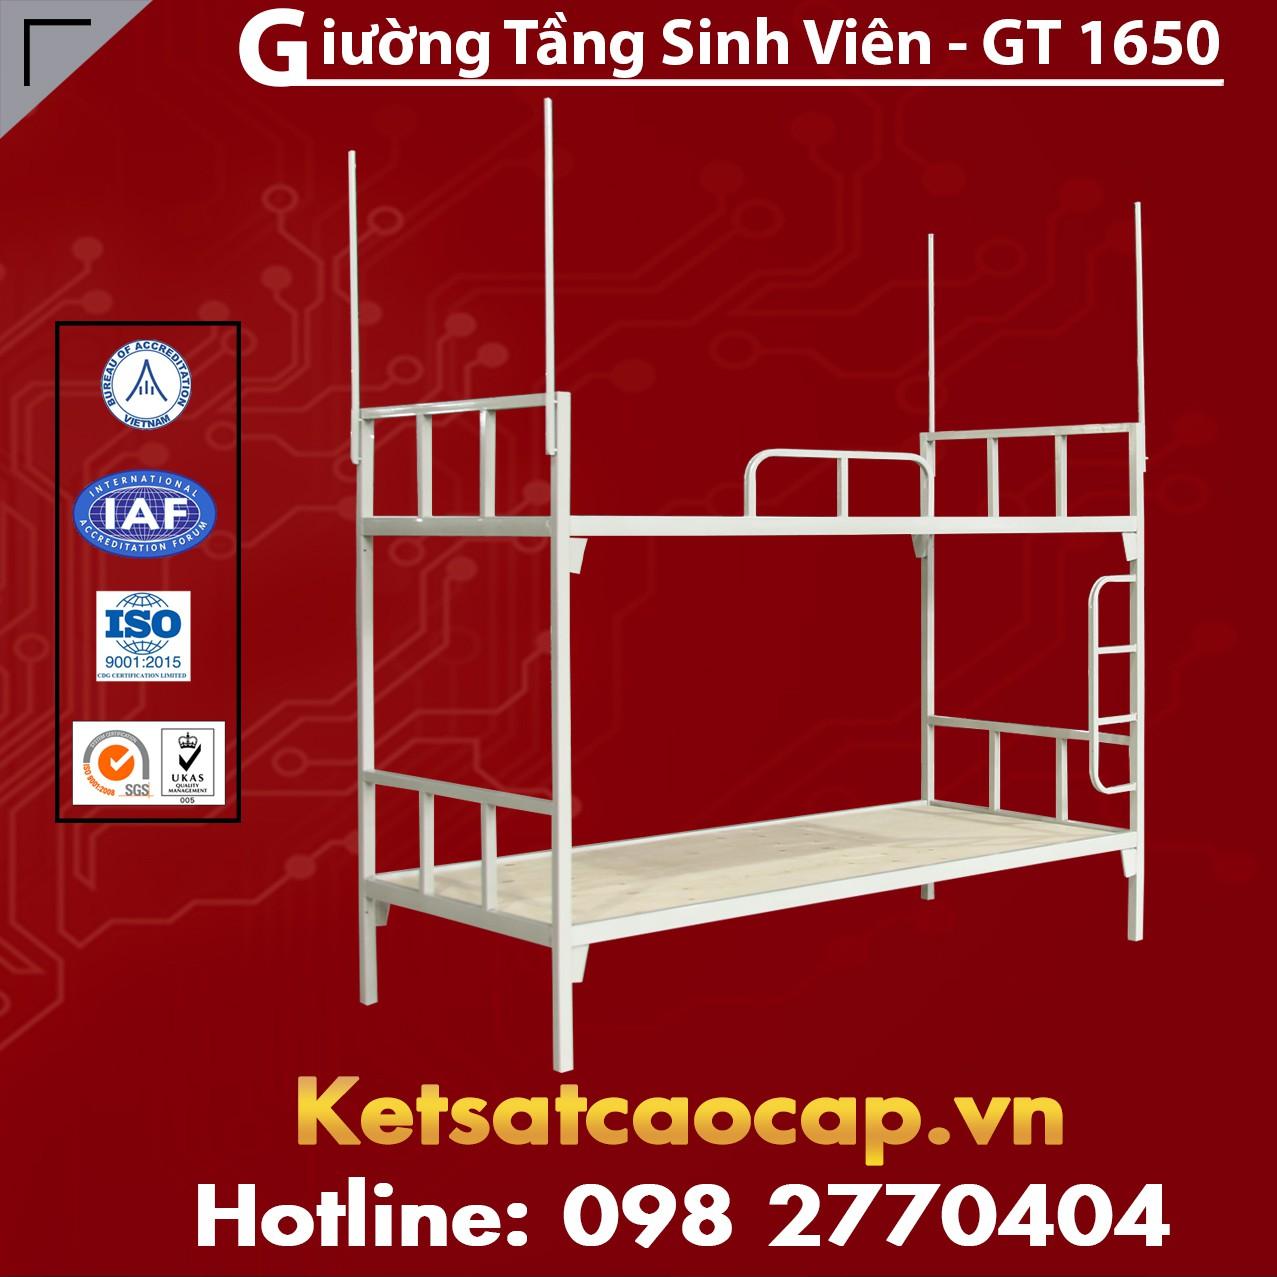 Giường Tầng Sinh Viên - GT 1650